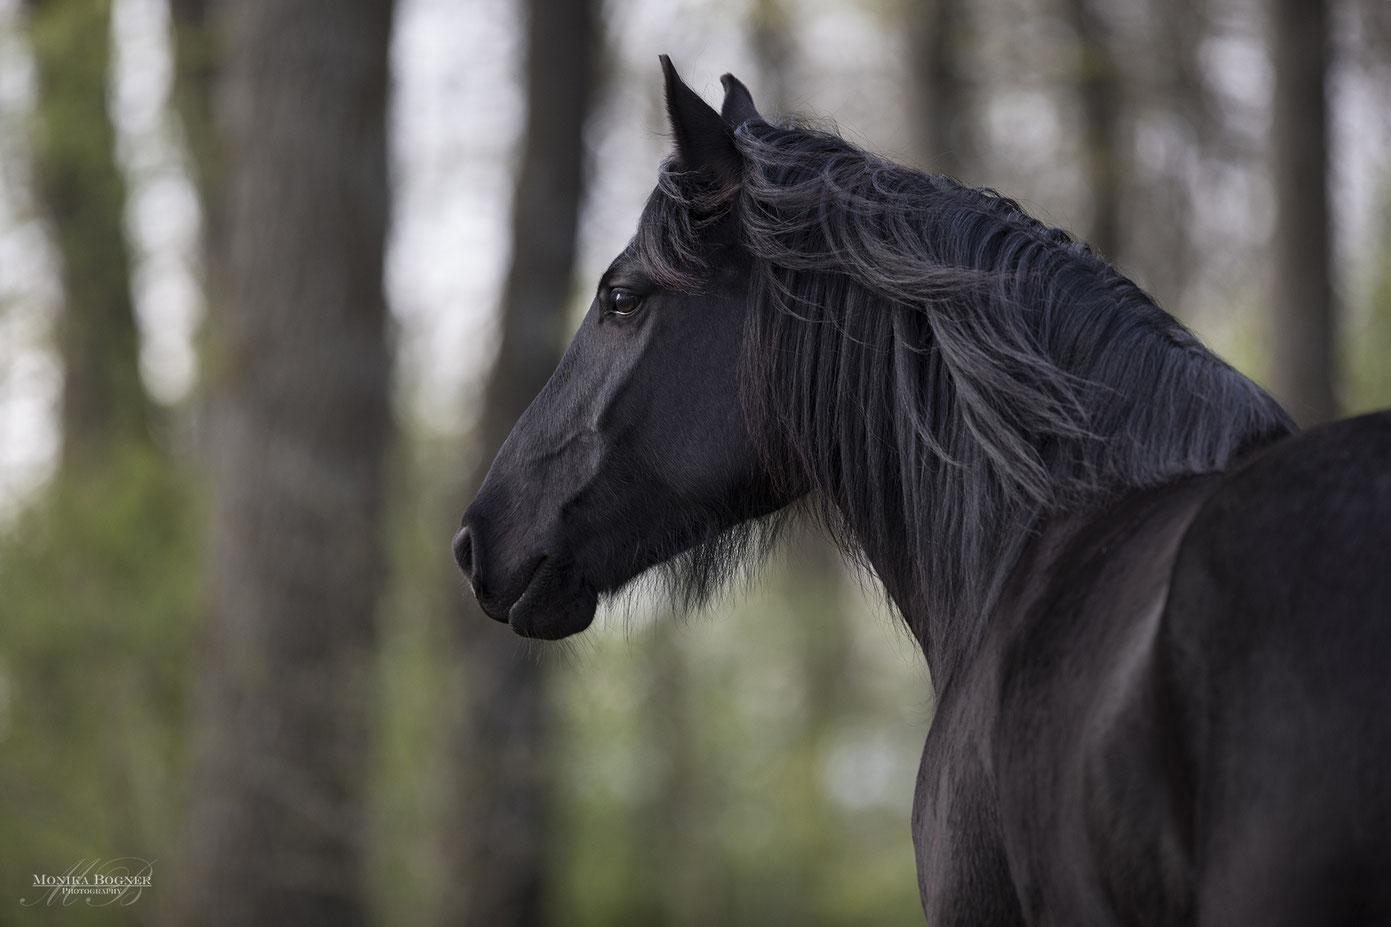 Pferdeportrait bei schlechtem Wetter